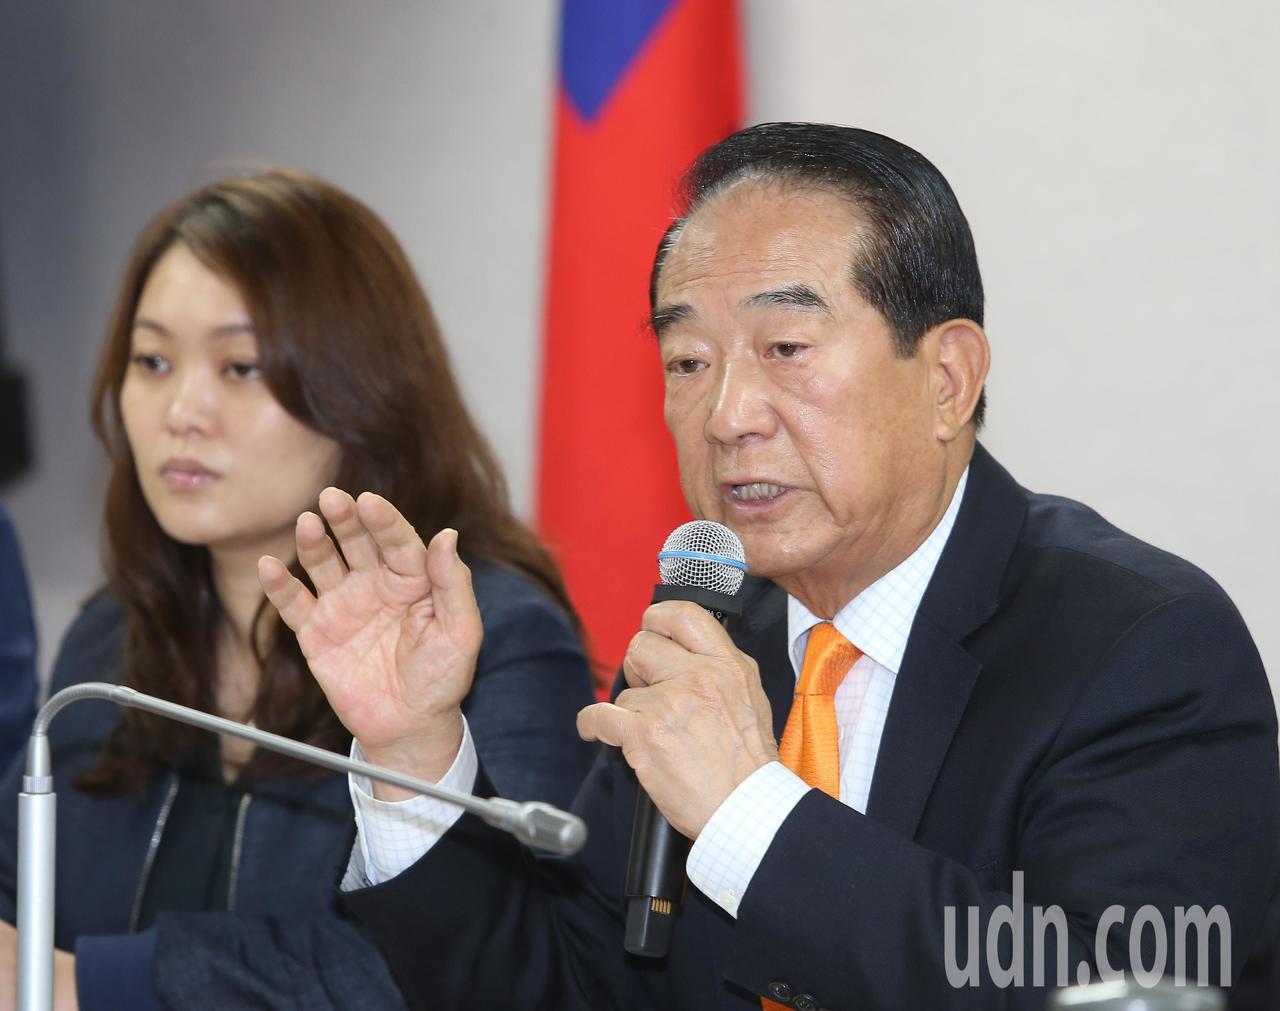 親民黨主席宋楚瑜表明不再擔任今年APEC(亞太經濟合作會議)代表。聯合報系資料照...